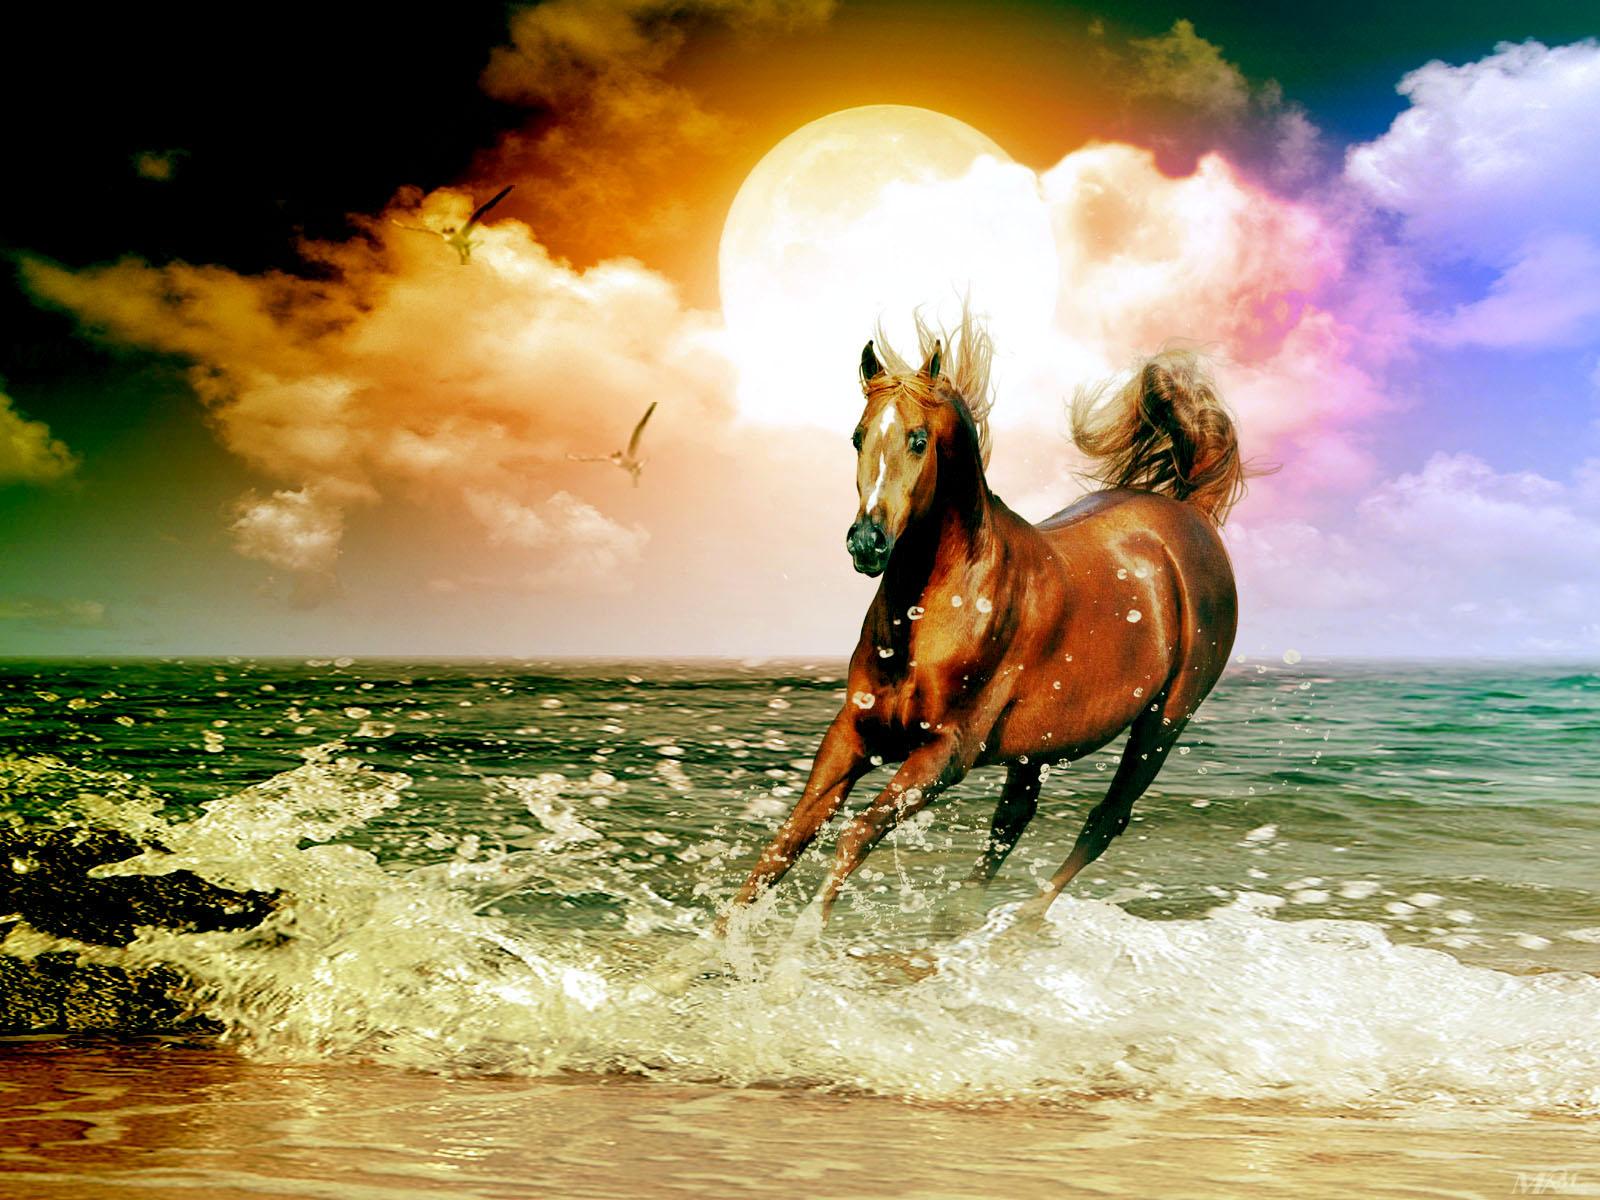 in sun set wallpaper horse running wallpaper horse jumping wallpaper 1600x1200